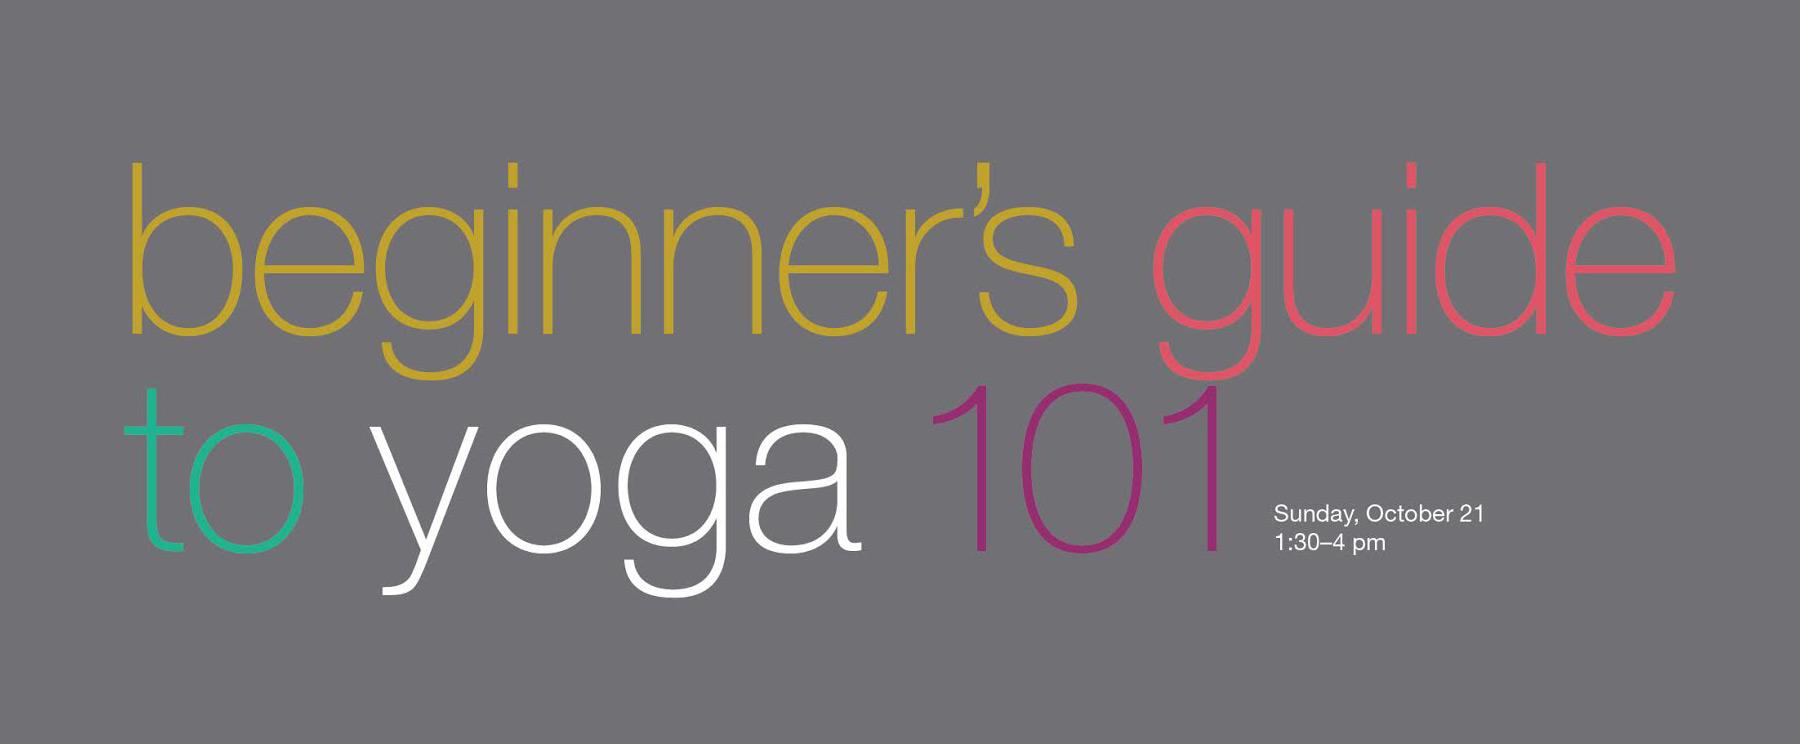 beginner-guide-yoga-1